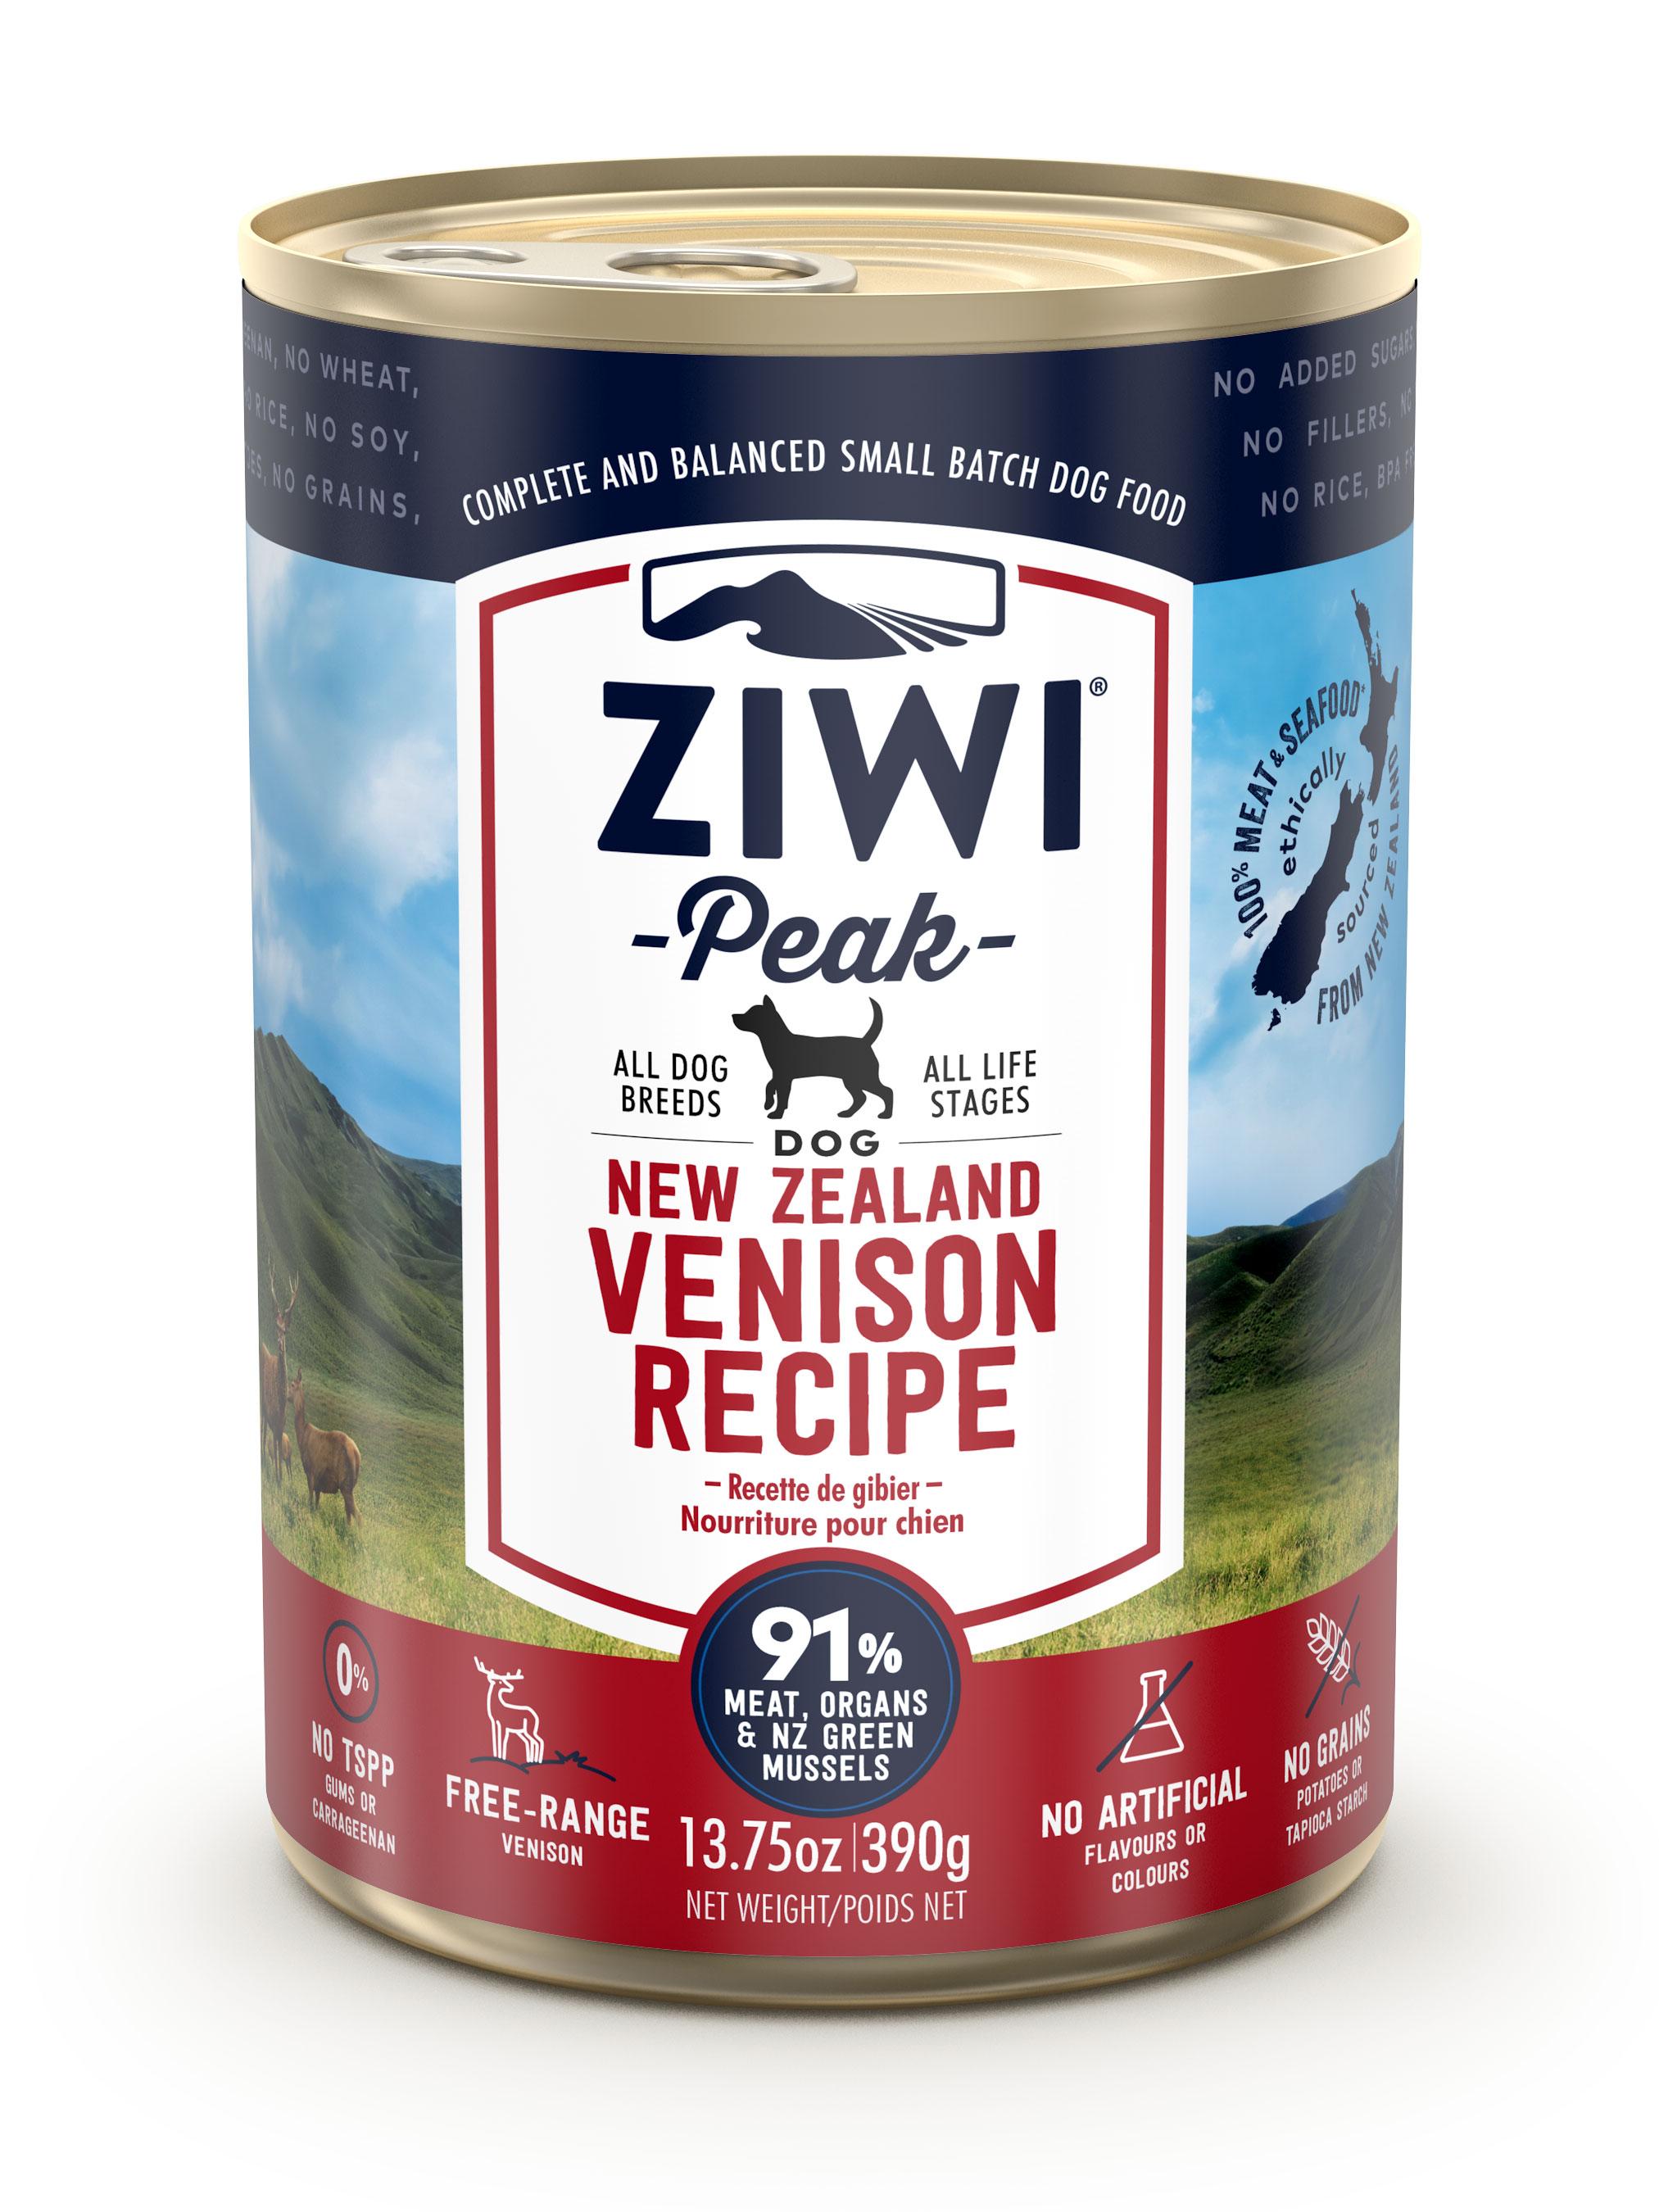 ZIWI Peak Canned Dog Food Venison Recipe, 13.75-oz|390-g